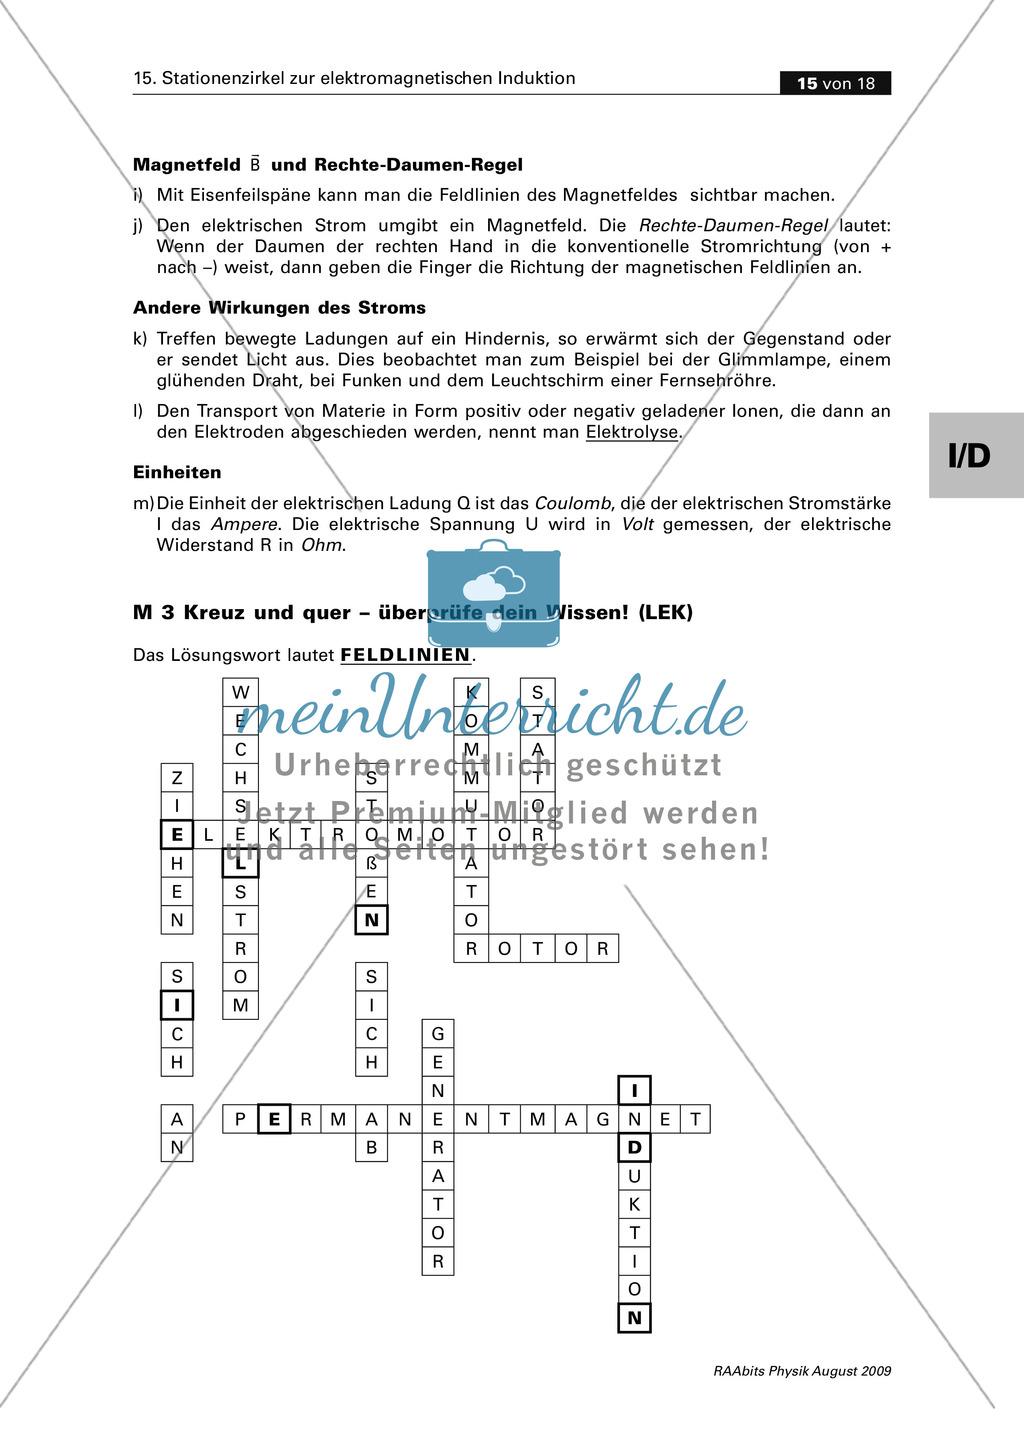 Elektrizitätslehre: Kreuzworträtsel zum Thema elektromagnetische ...